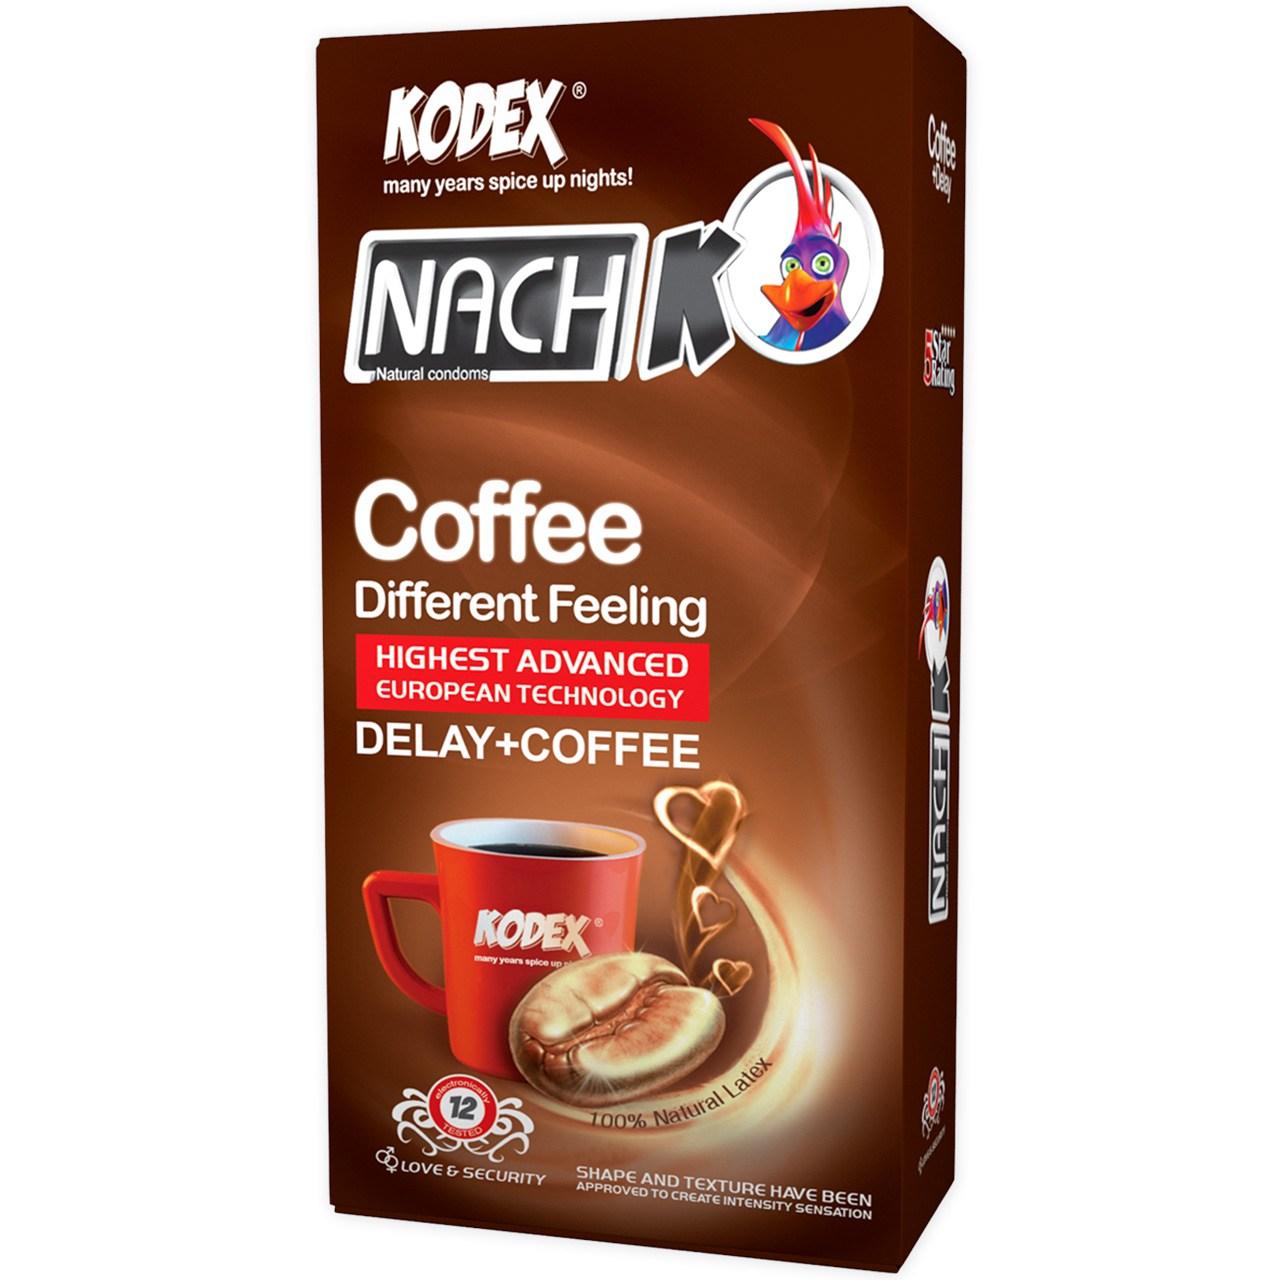 عکس کاندوم کدکس مدل Coffee بسته 12 عددی